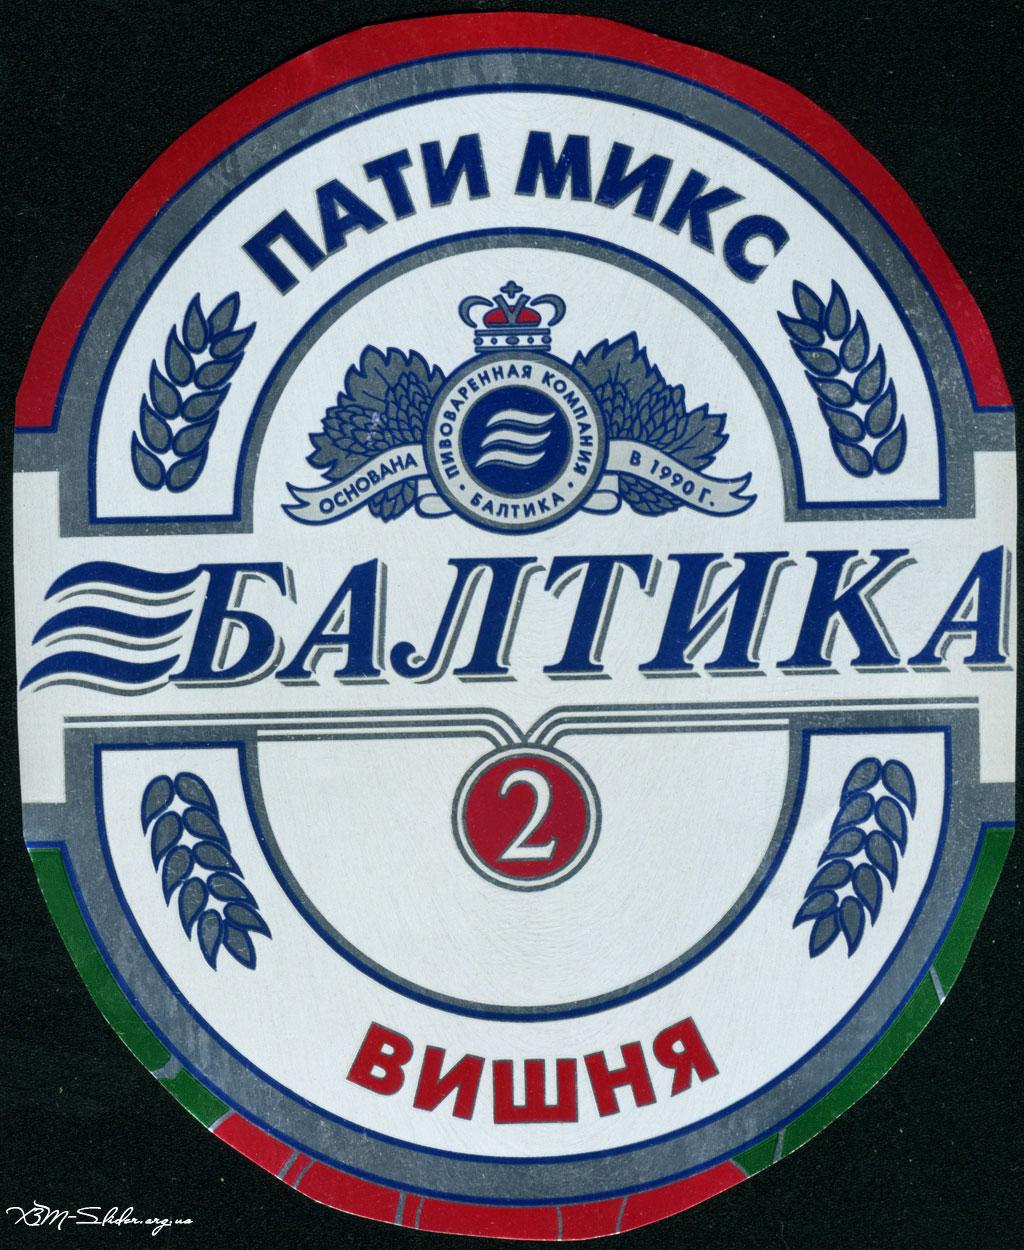 Балтика 2 - Вишня